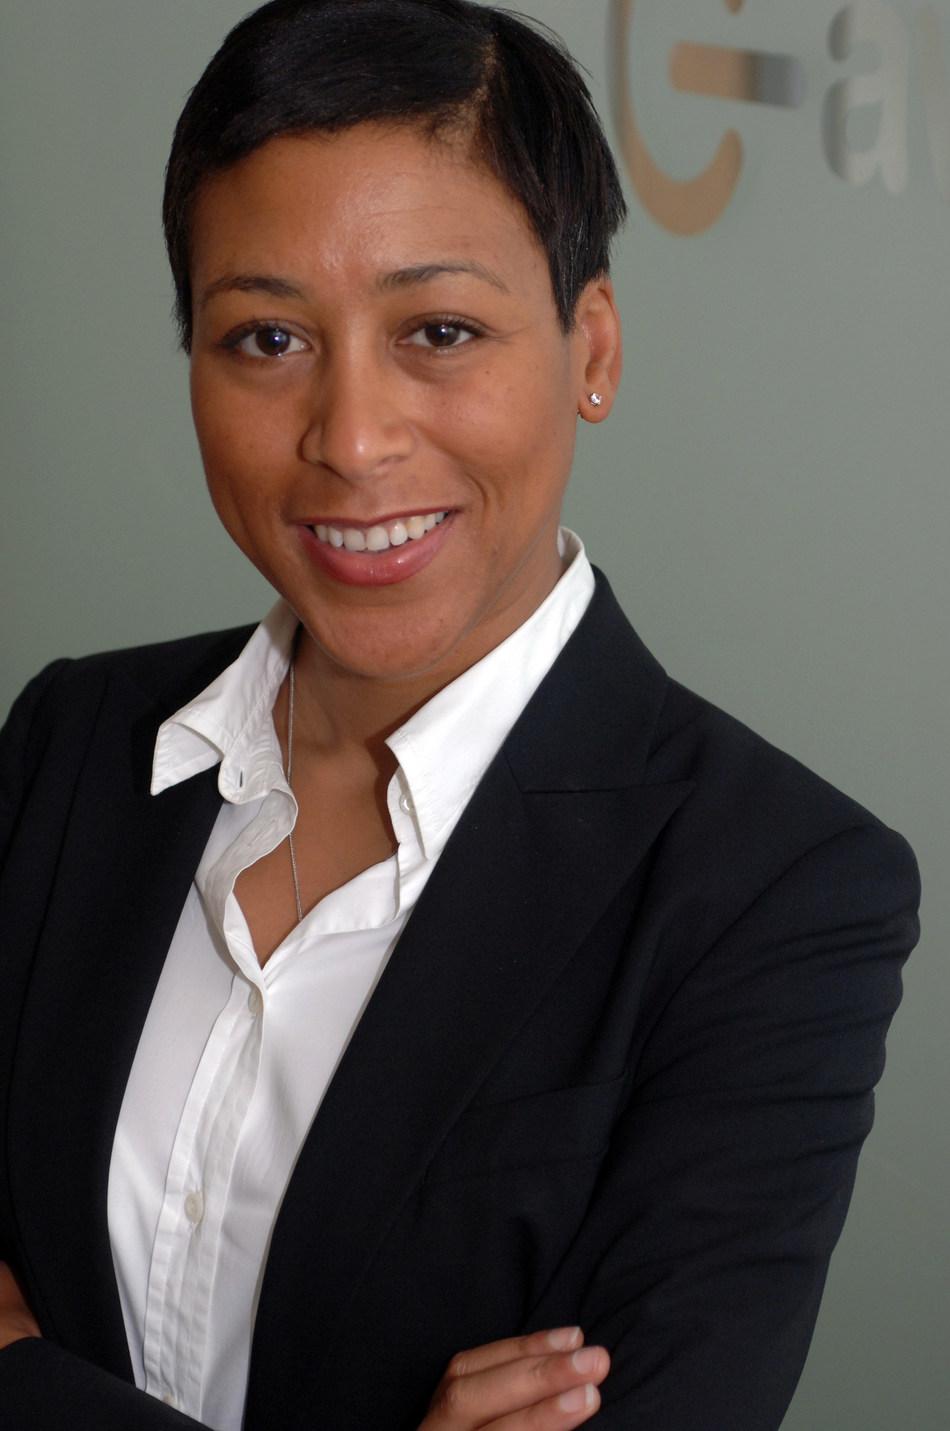 Pamela Maynard, CEO, Avanade